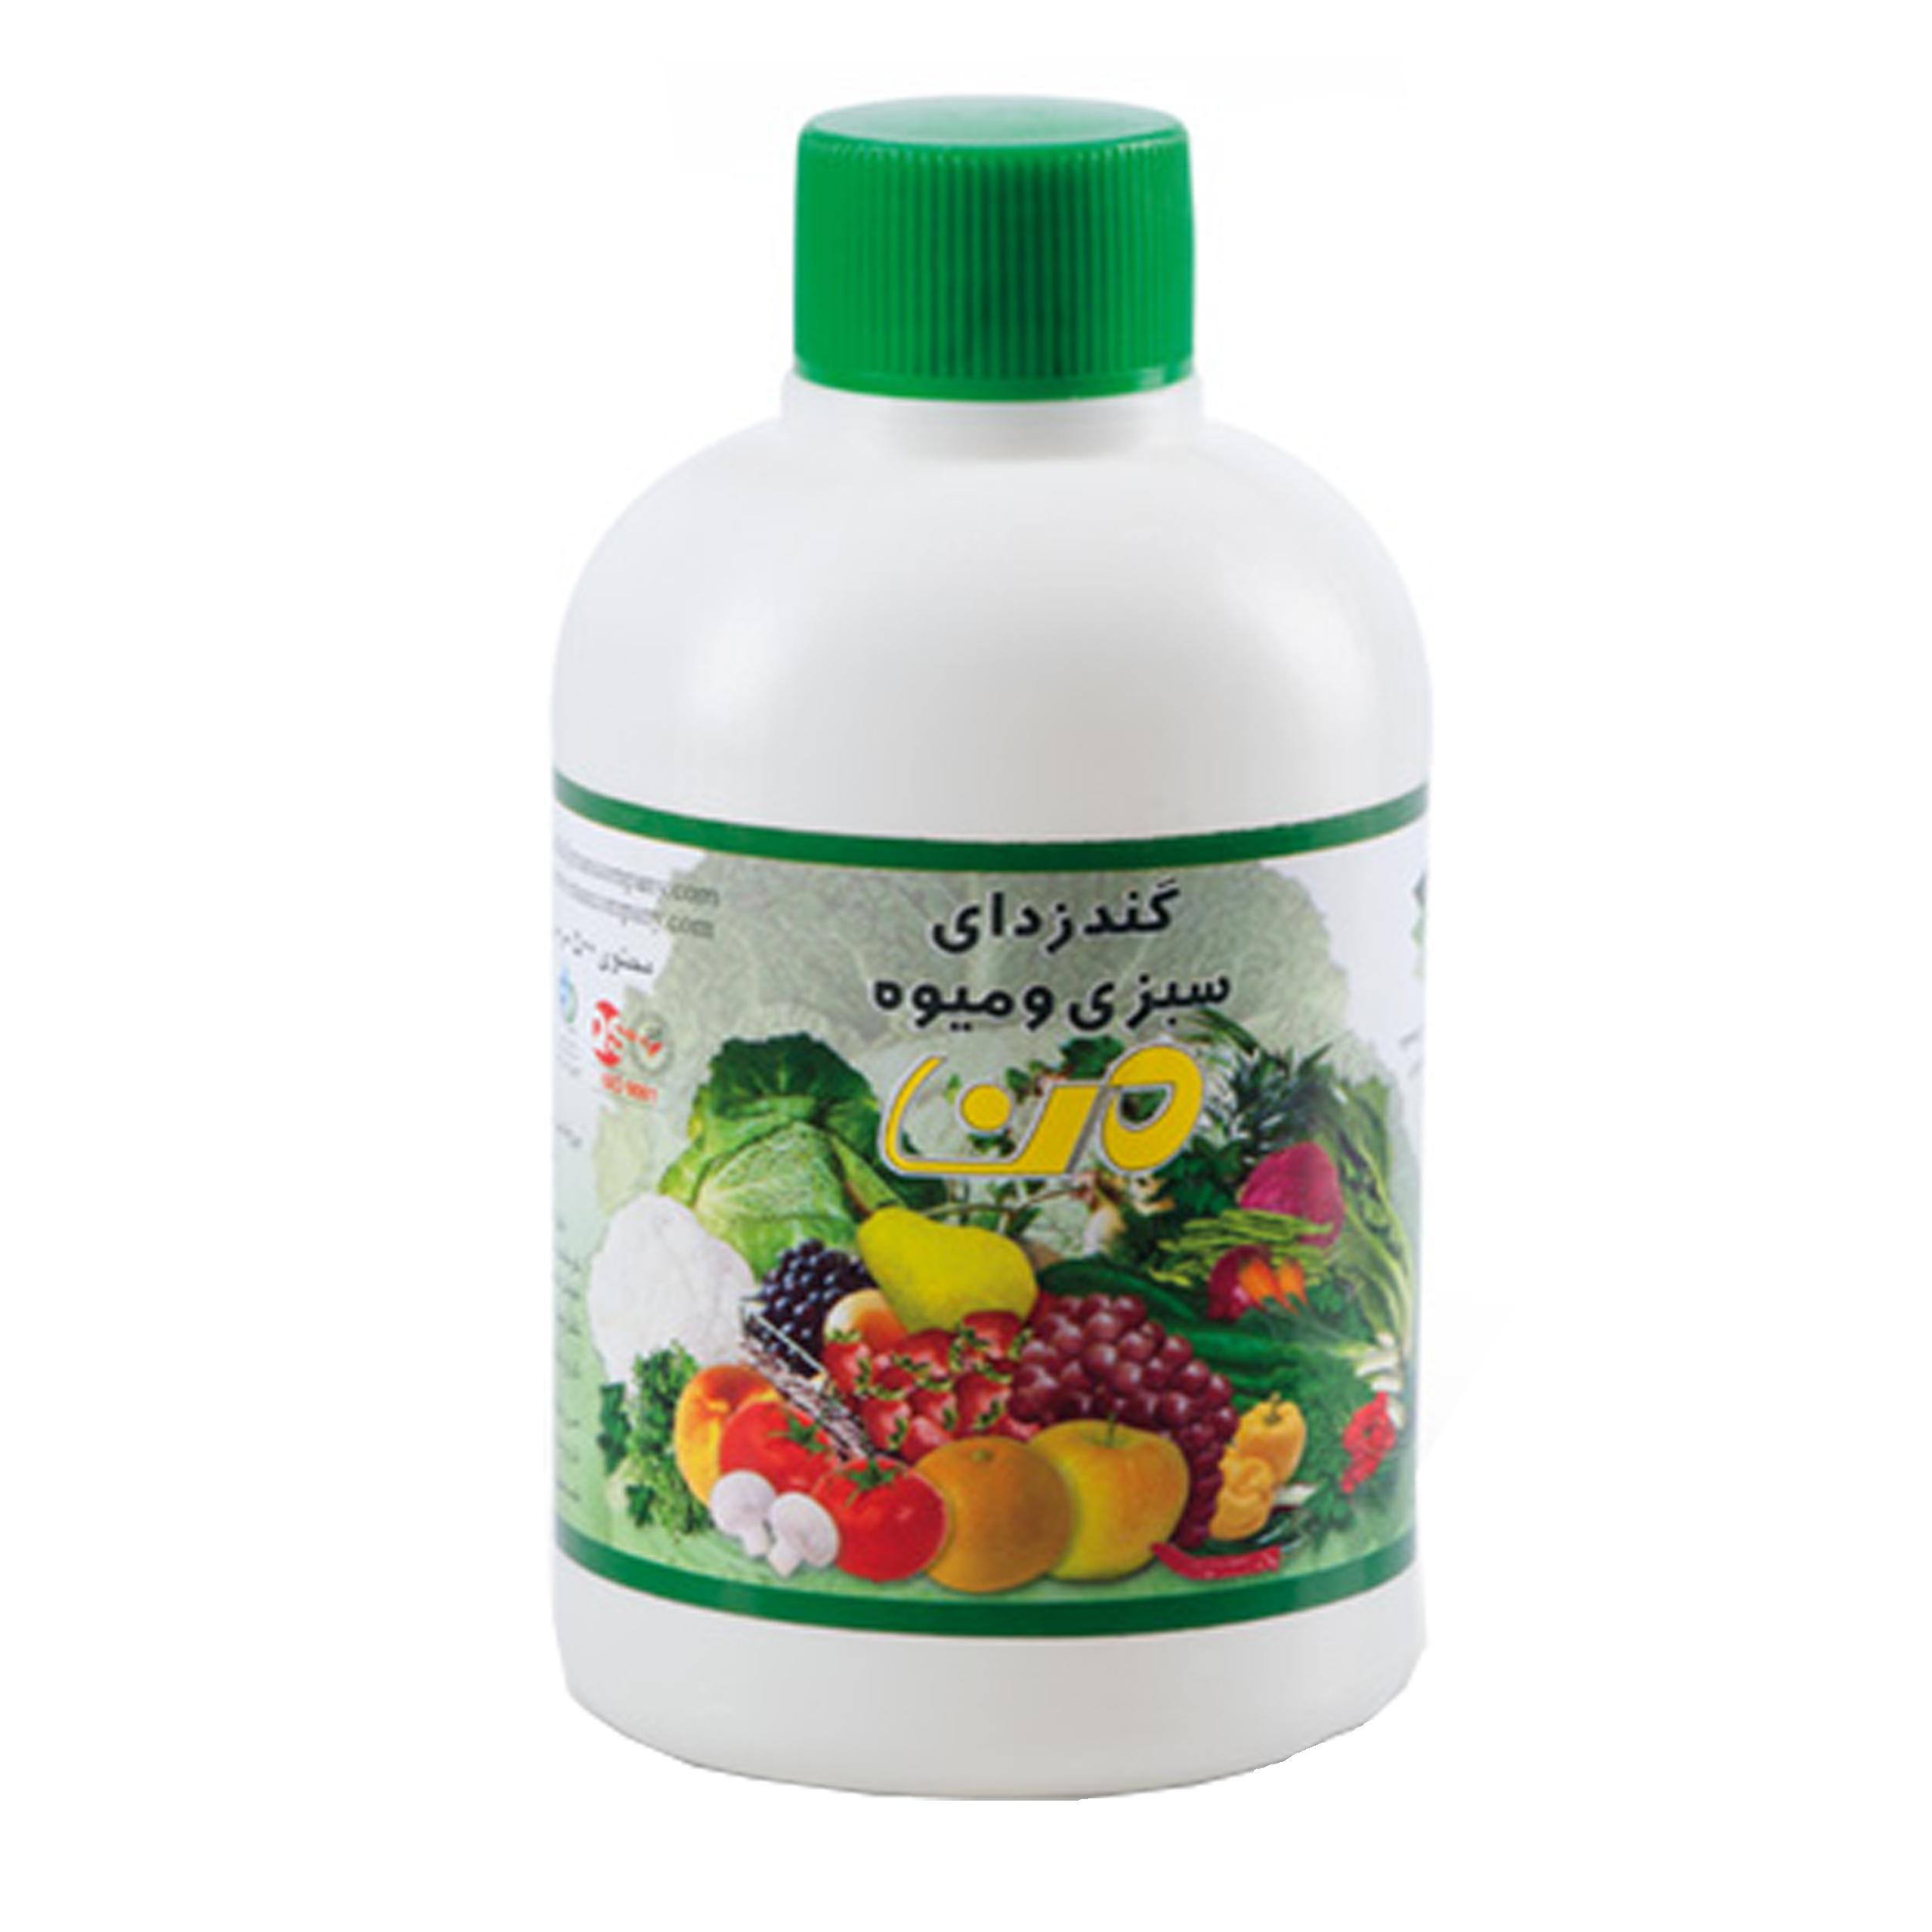 خرید اینترنتی مایع ضدعفونی کننده میوه و سبزیجات من مدل WT حجم 500 میلی لیتر